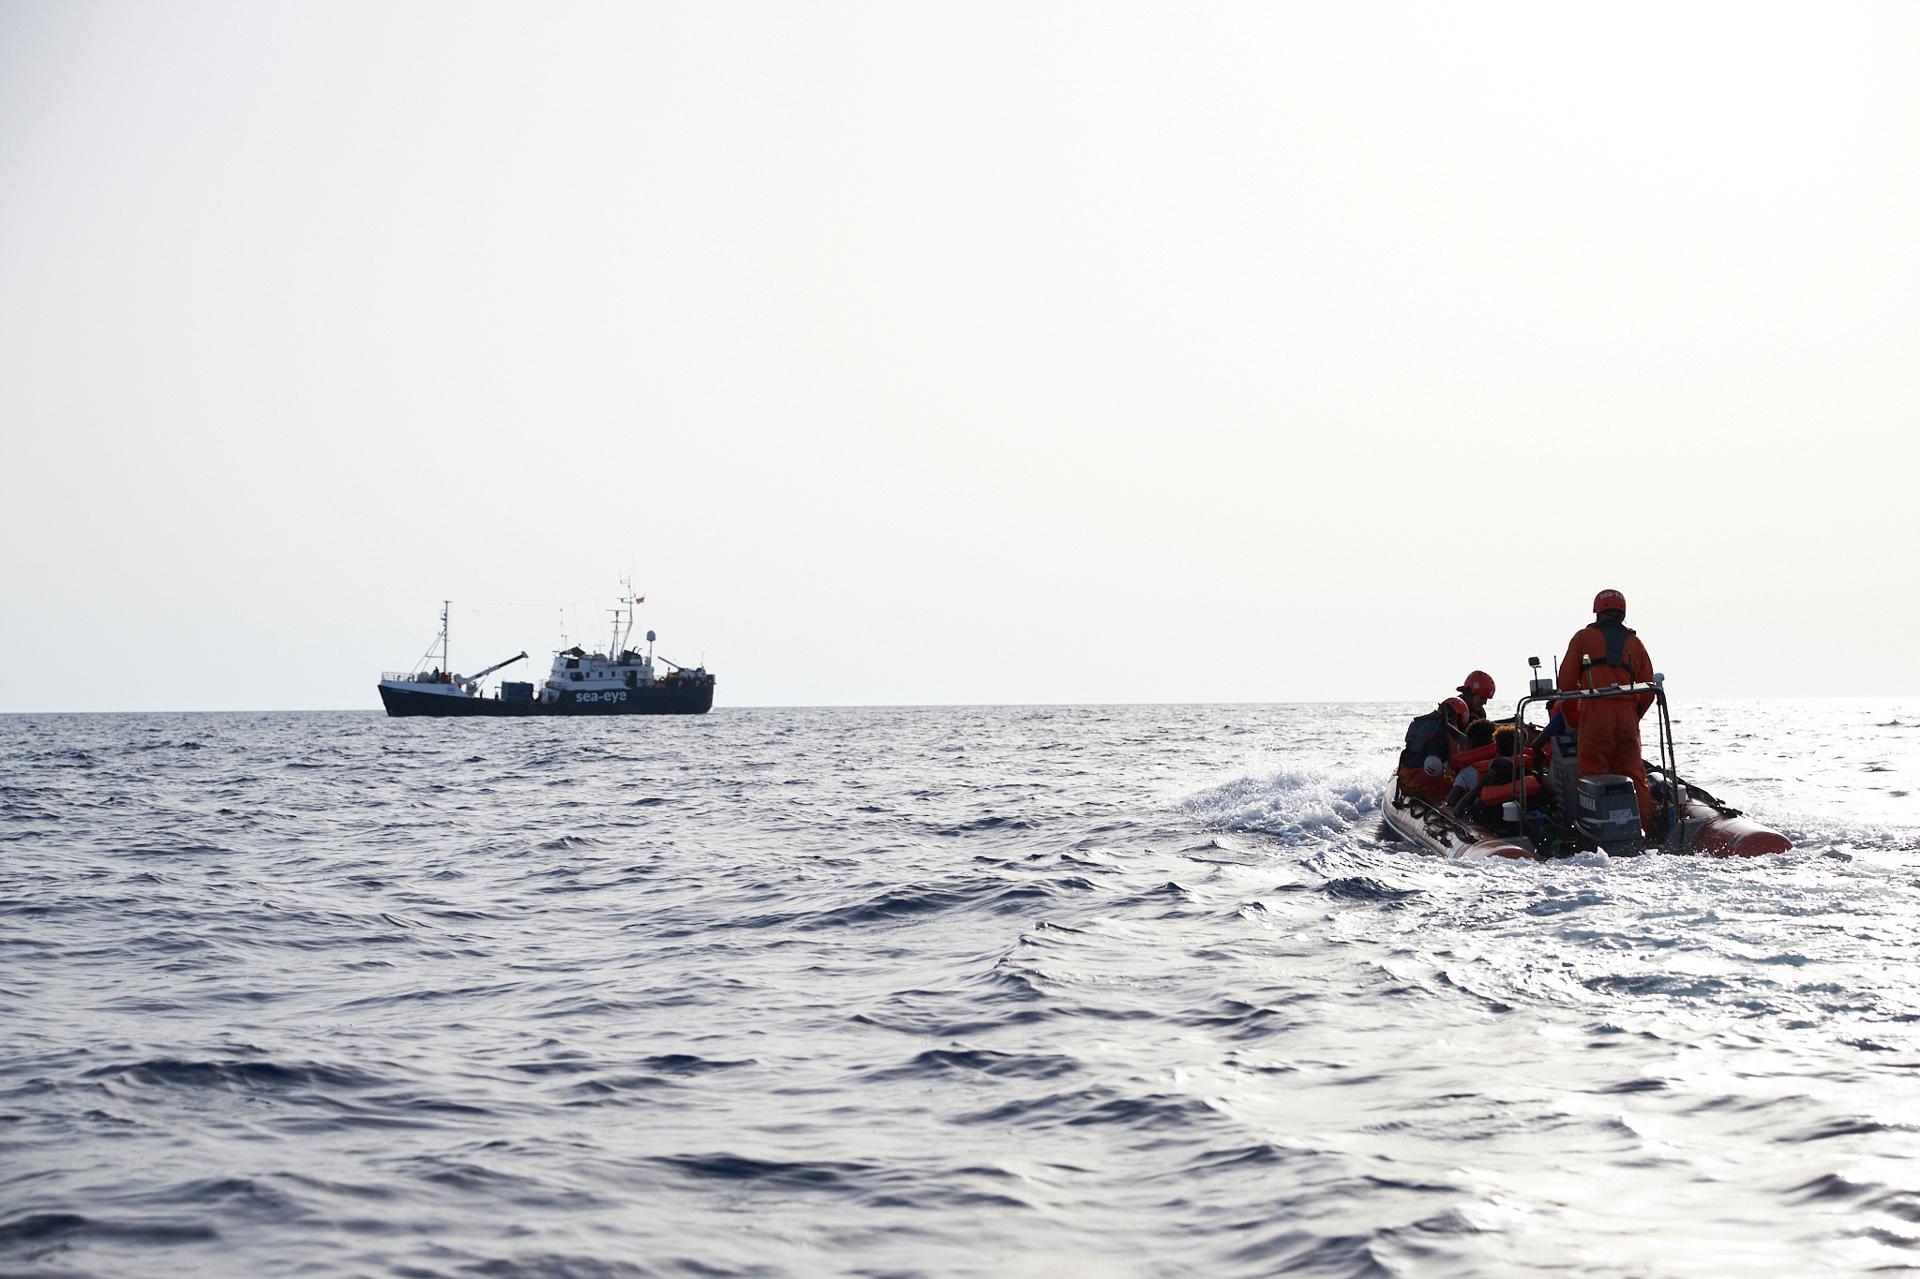 القوات البحرية تعلن إنقاذ 172 مهاجر شمال مدينة الزاوية